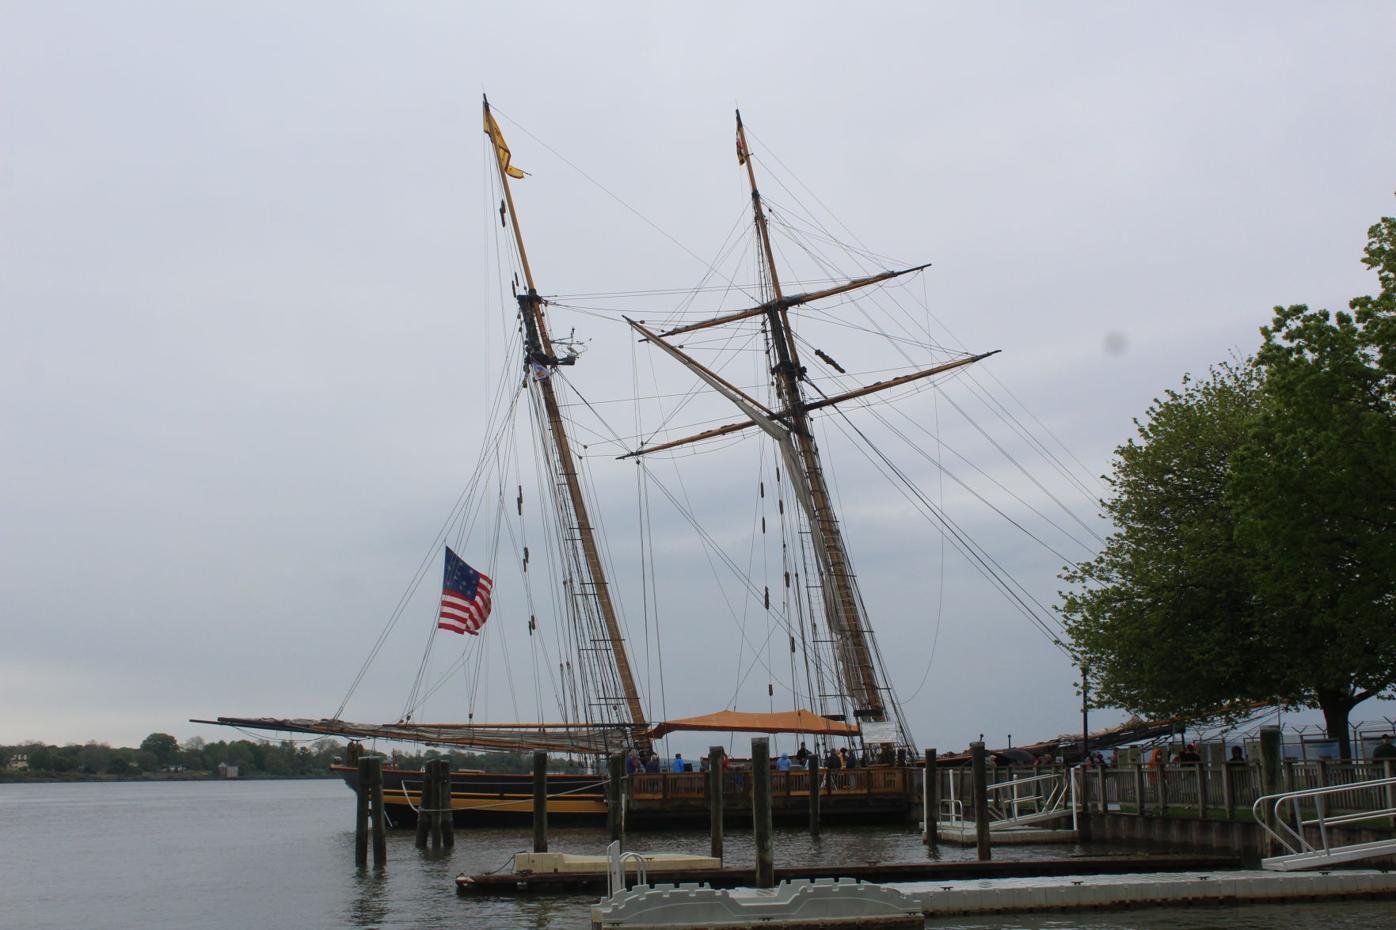 Pride of Baltimore II spends the weekend in Havre de Grace